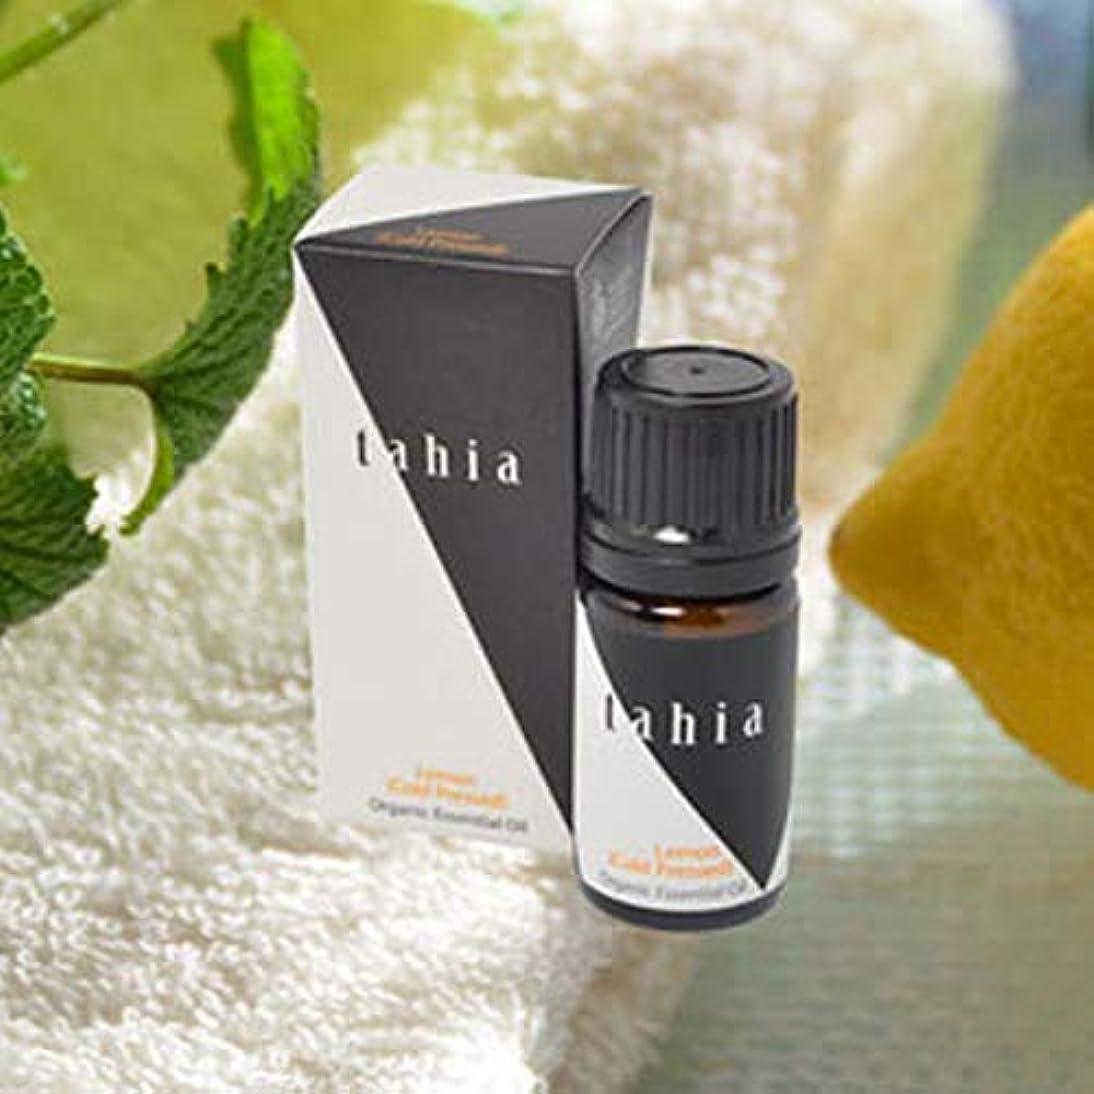 きょうだい基準することになっているタツフト タヒア tahia レモン エッセンシャルオイル オーガニック 芳香 精油